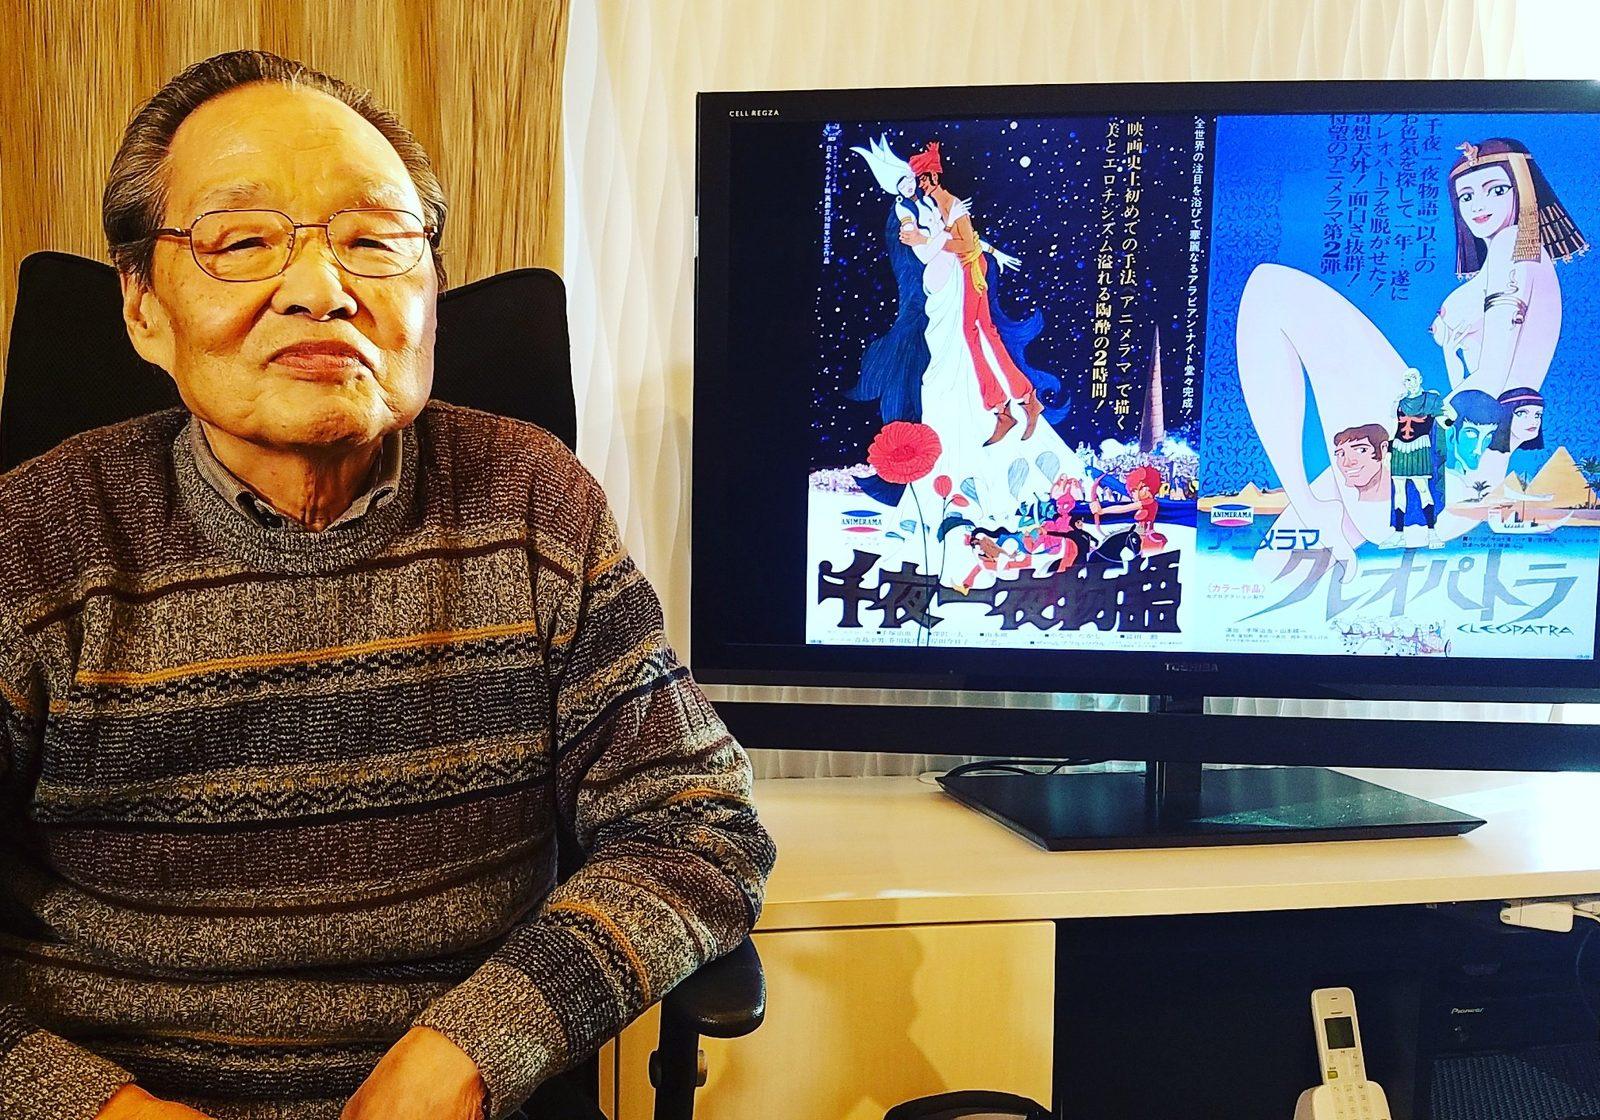 Не стало одного из пионеров аниме Эйити Ямамото